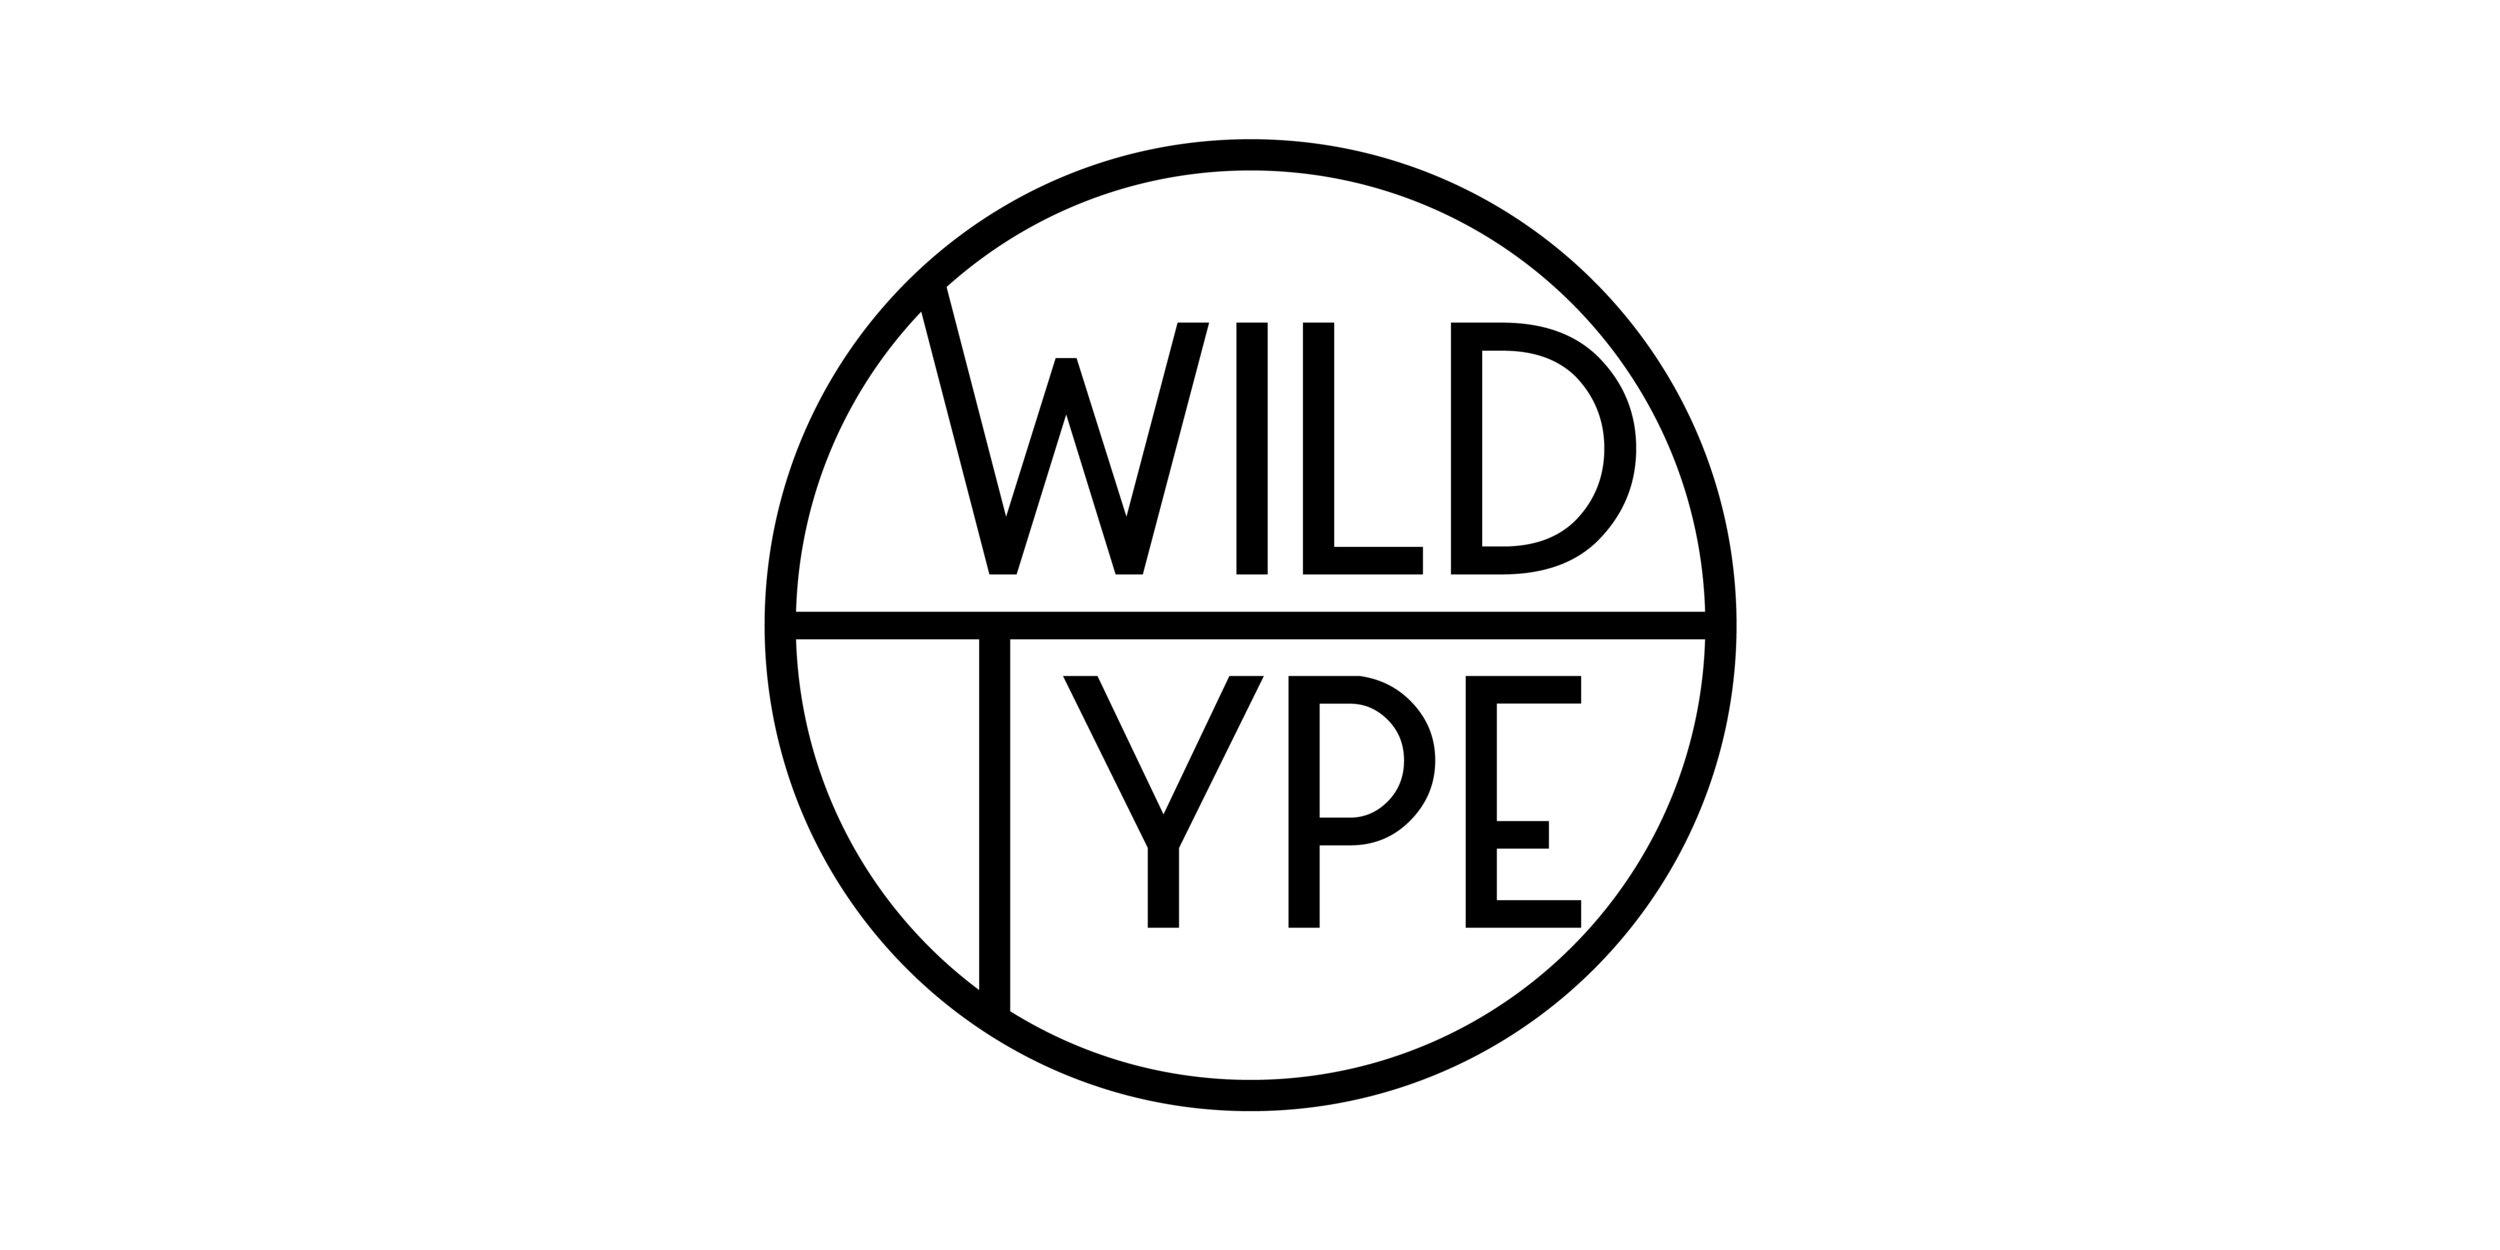 WildTypeLogo24Jan17.jpg